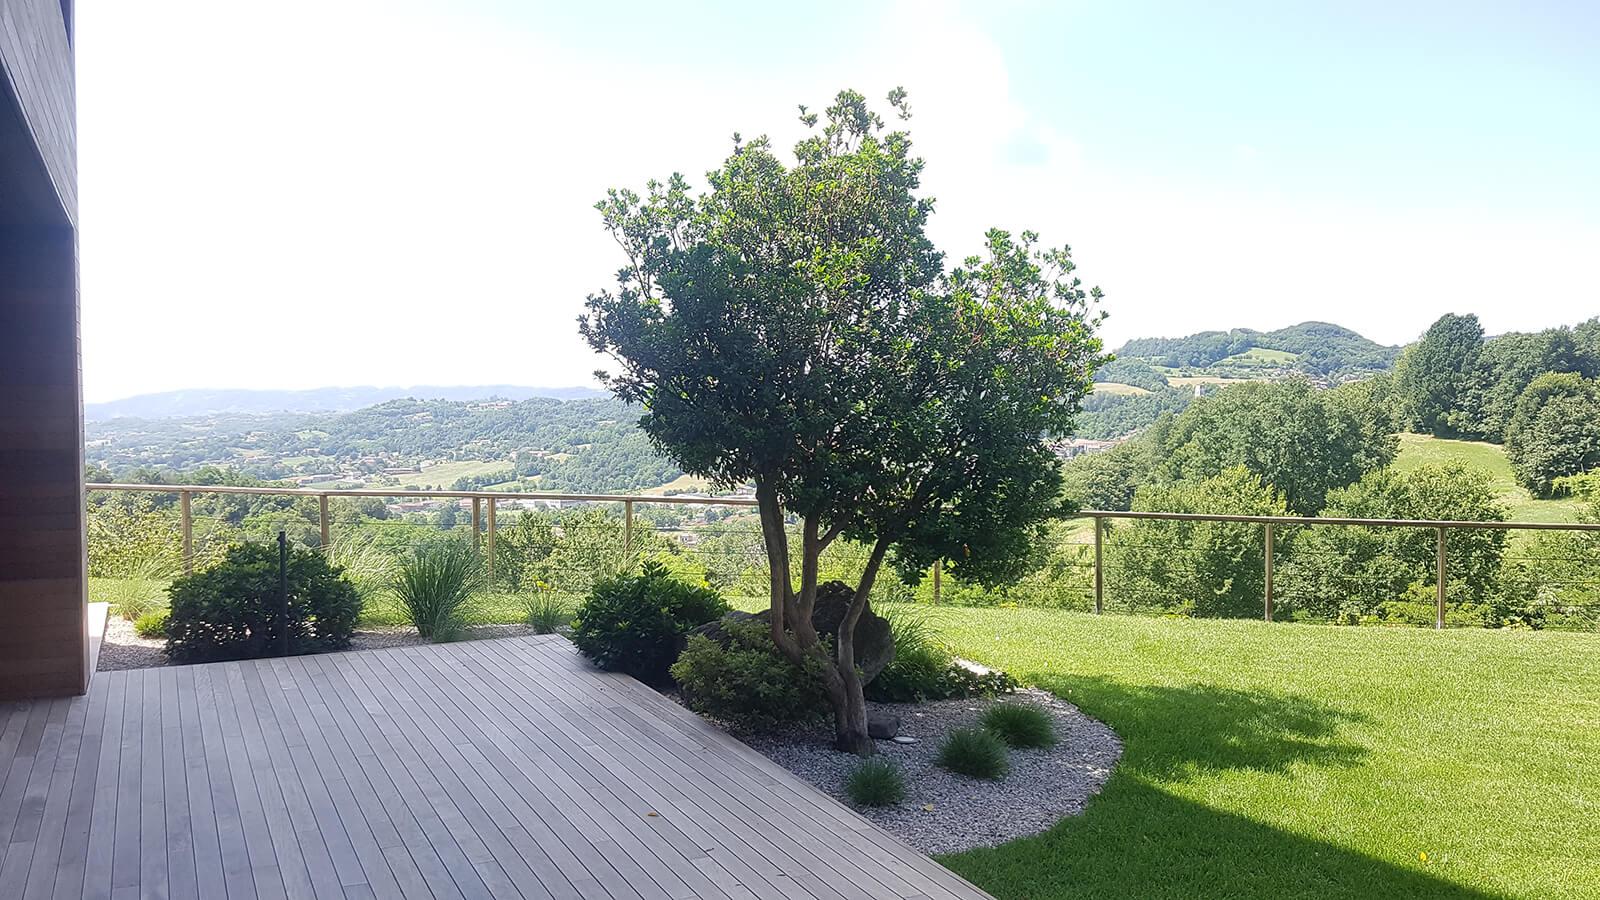 progettazione realizzazione giardini schio - verde blu giardini 5